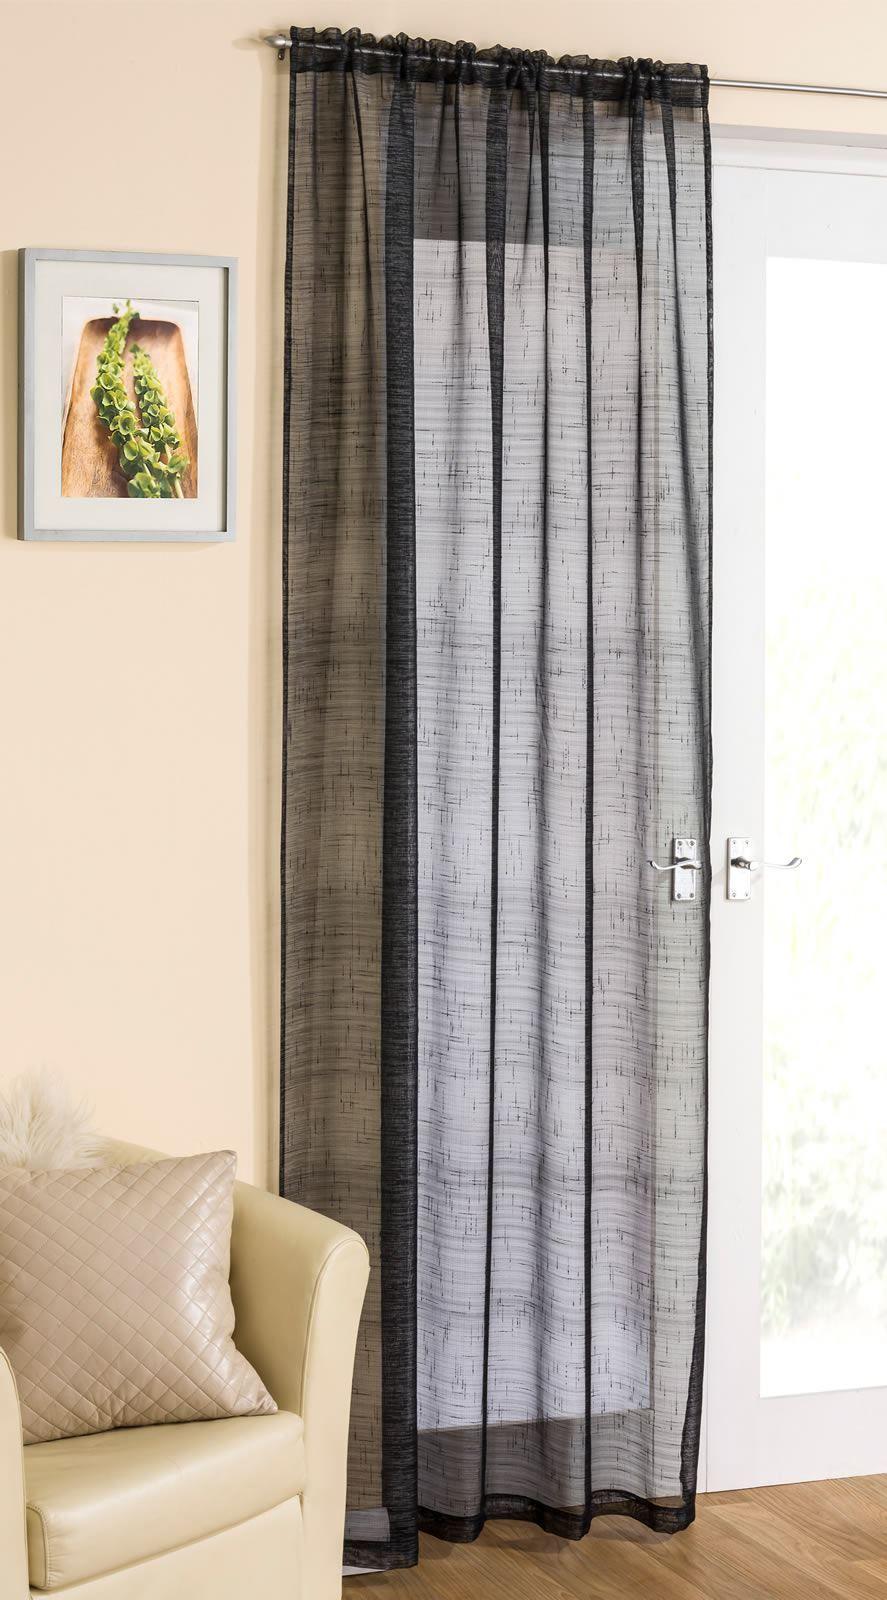 Details About Sparkle Voile Curtain Panel Linen Lace Curtains